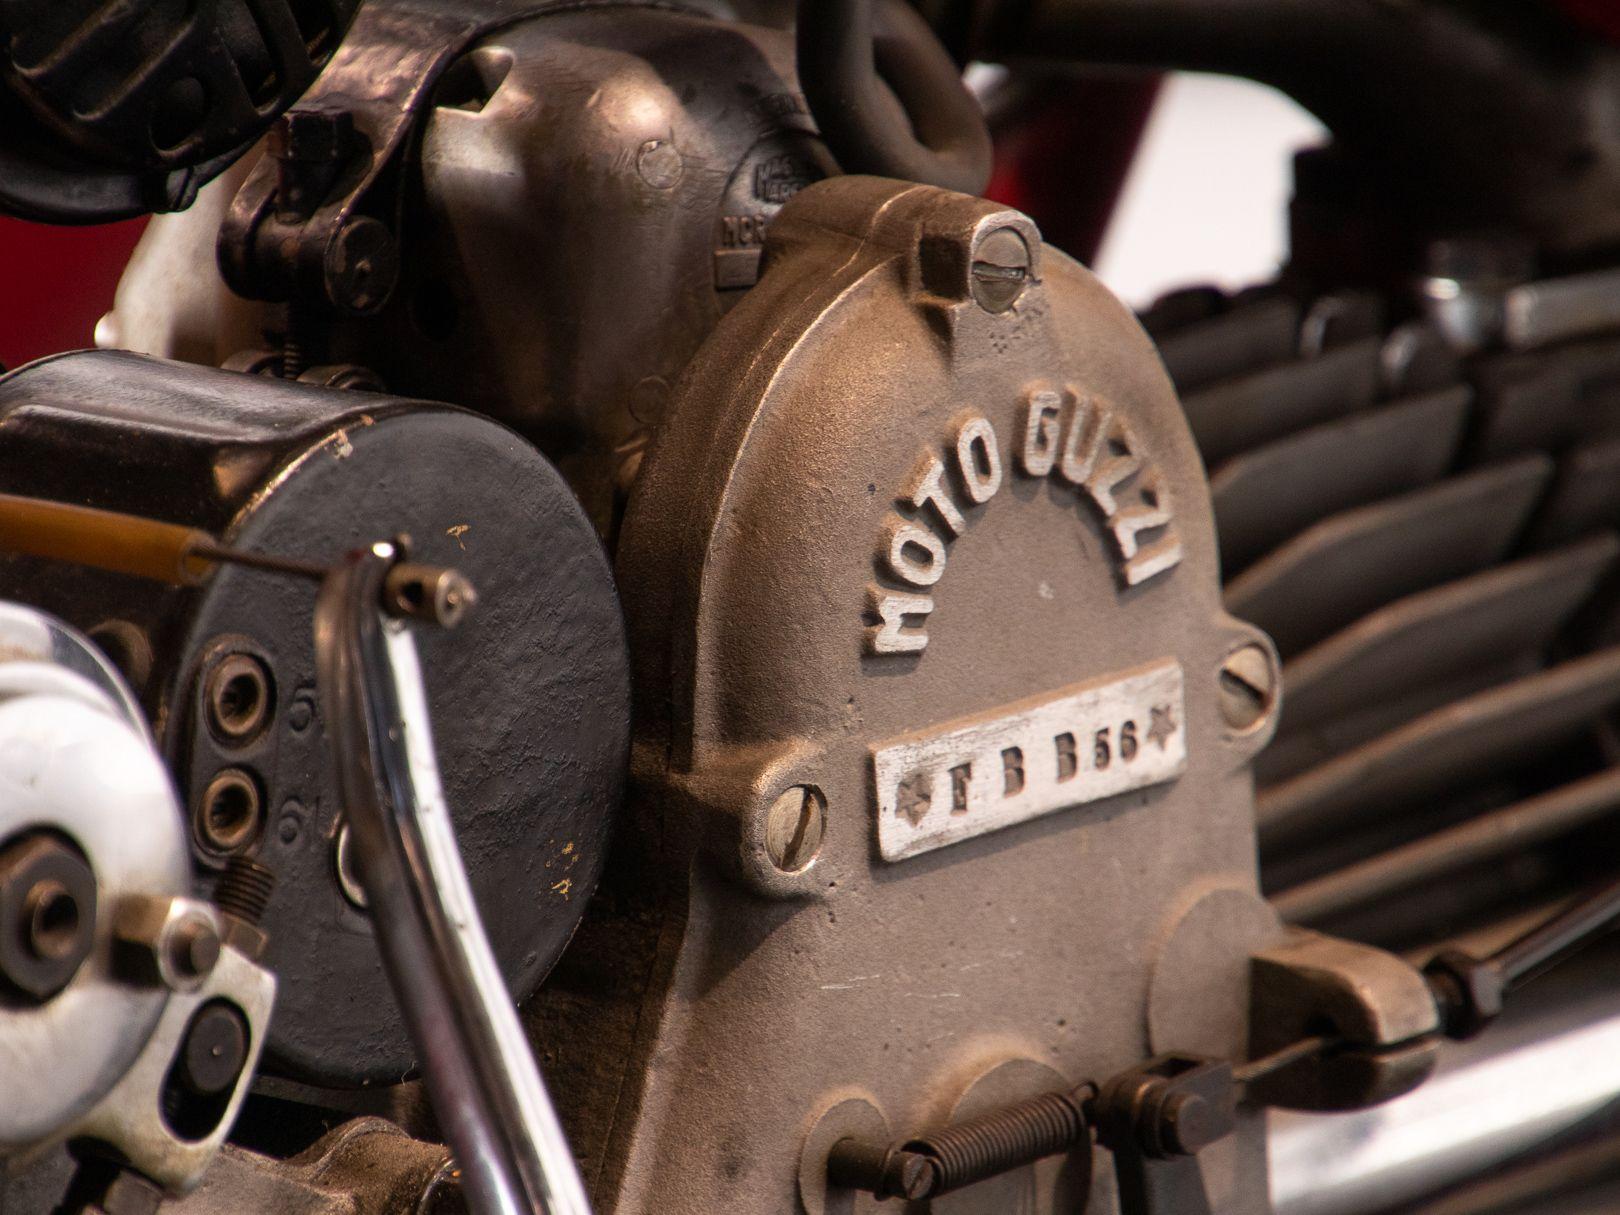 1956 Moto Guzzi 500 FS Sidecar 44979